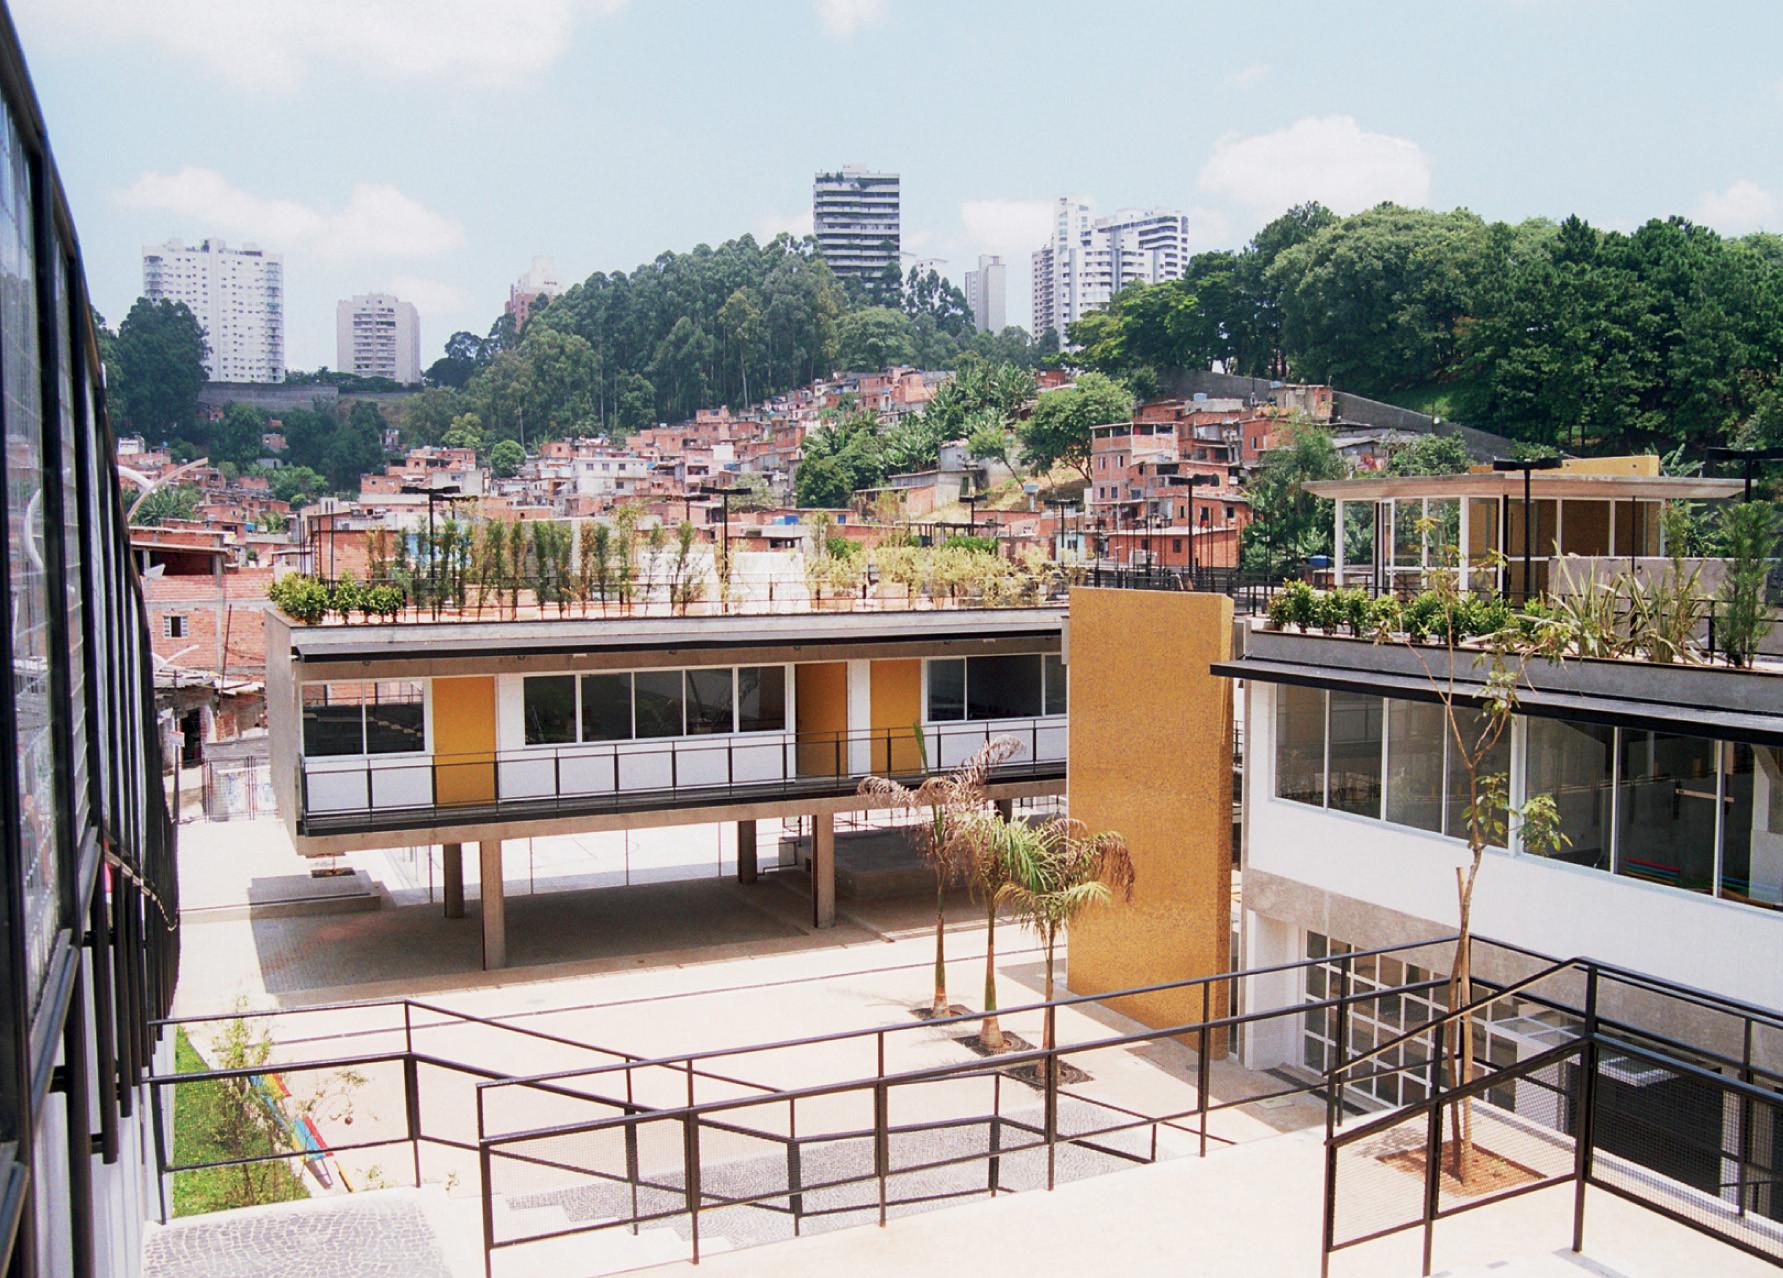 FGMF recebe o Prêmio Latino-Americano de Arquitetura Rogelio Salmona: espaços abertos, espaços coletivos, Projeto premiado de FGMF - Edifício Projeto Viver. Image Courtesy of Fundação Rogelio Salmona